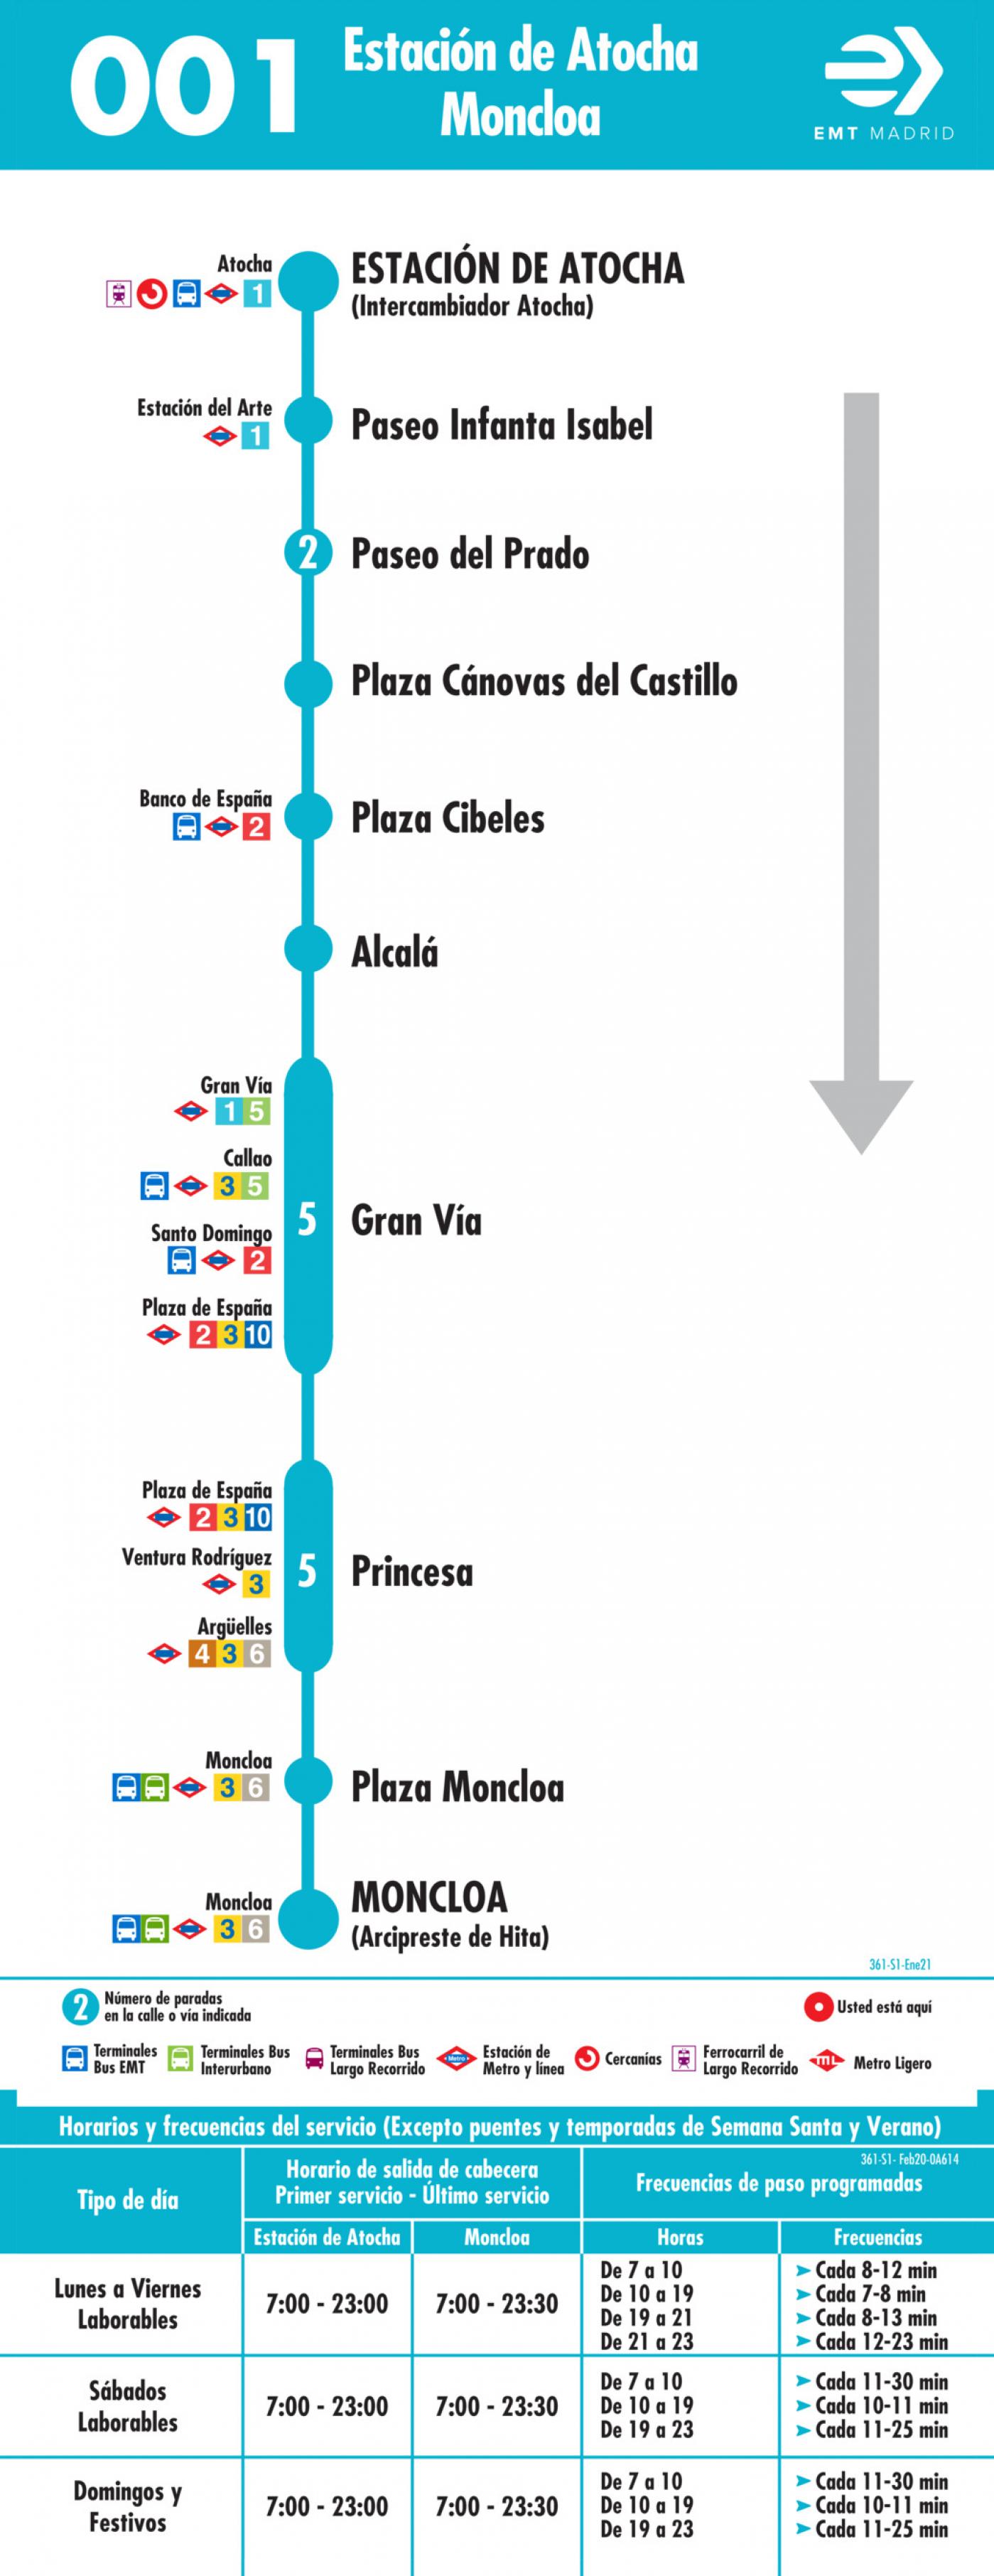 Tabla de horarios y frecuencias de paso en sentido ida Línea 001: Atocha - Moncloa